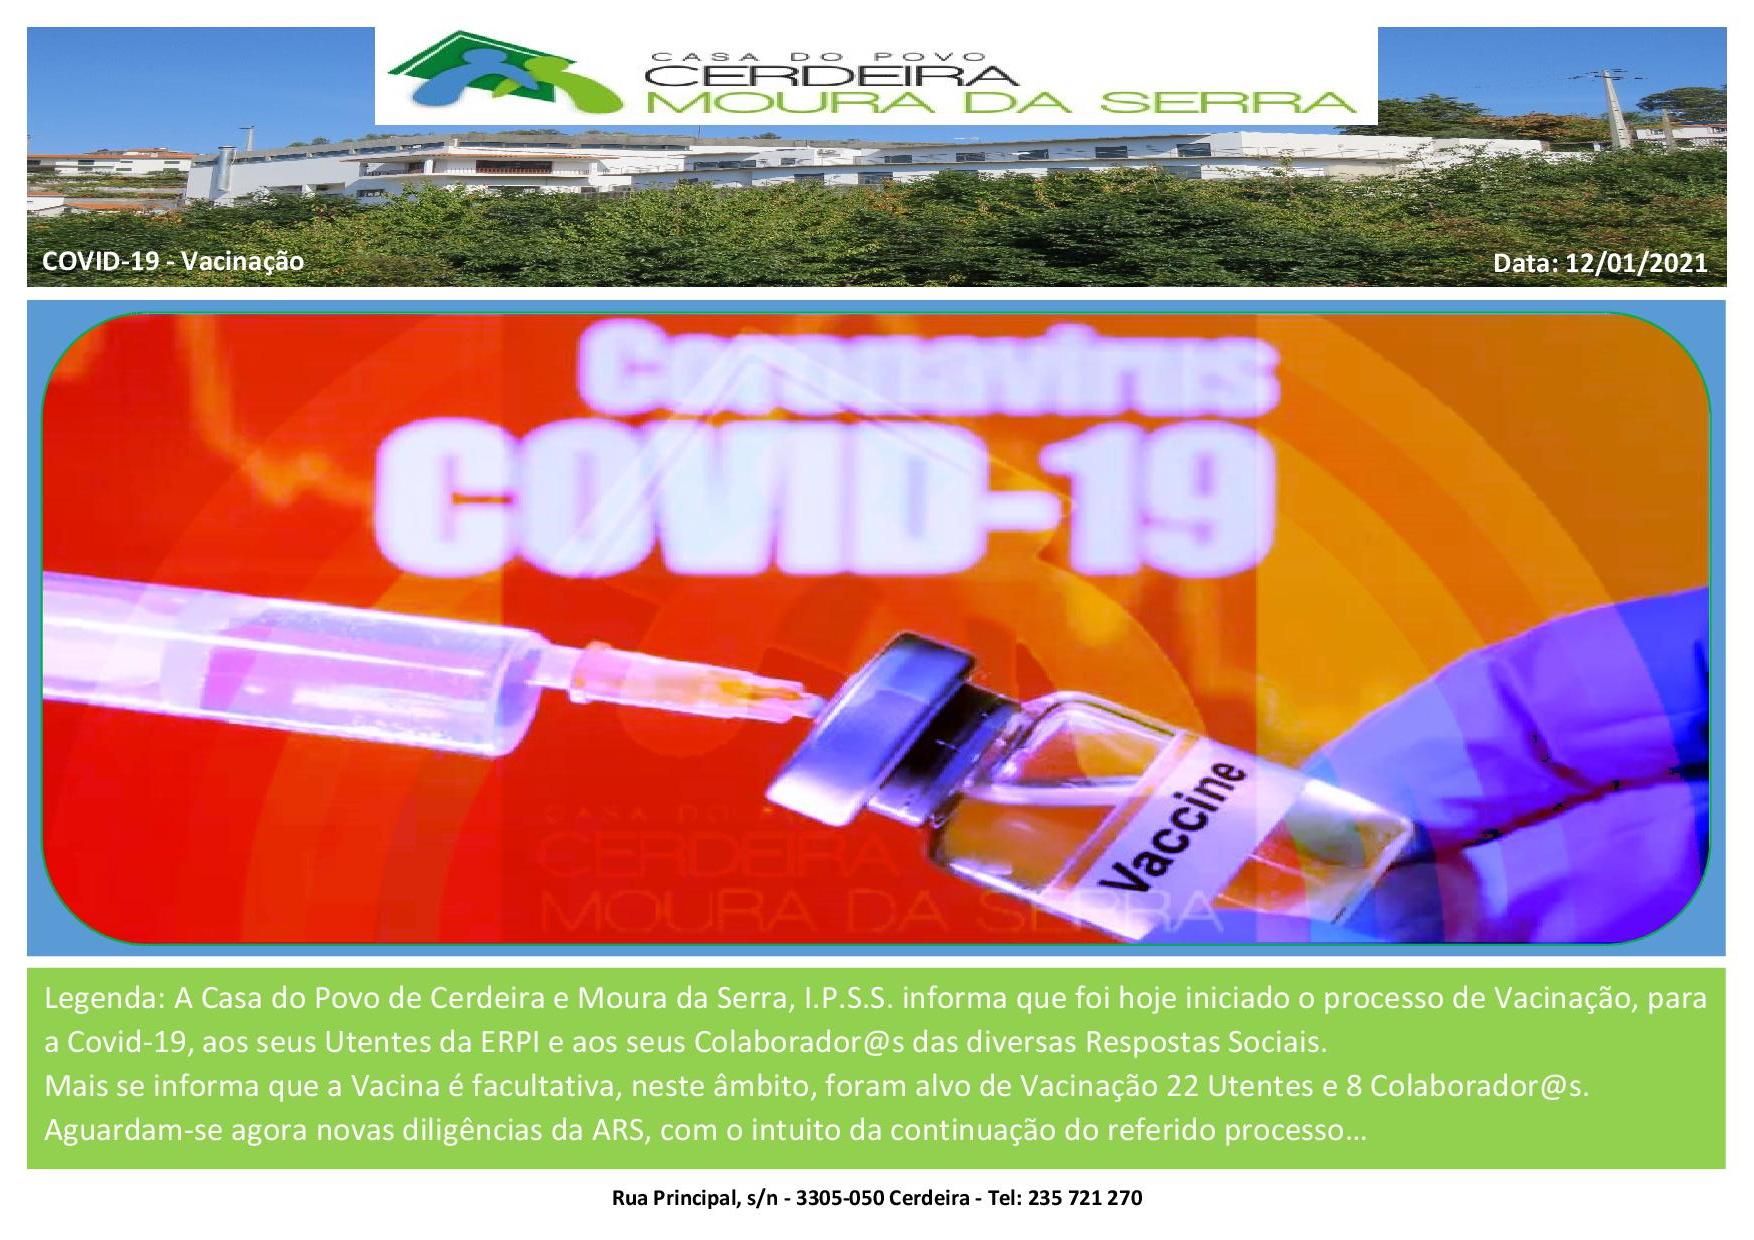 Casa do Povo de Cerdeira e Moura da Serra, I.P.S.S. – Vacinação (Covid-19)